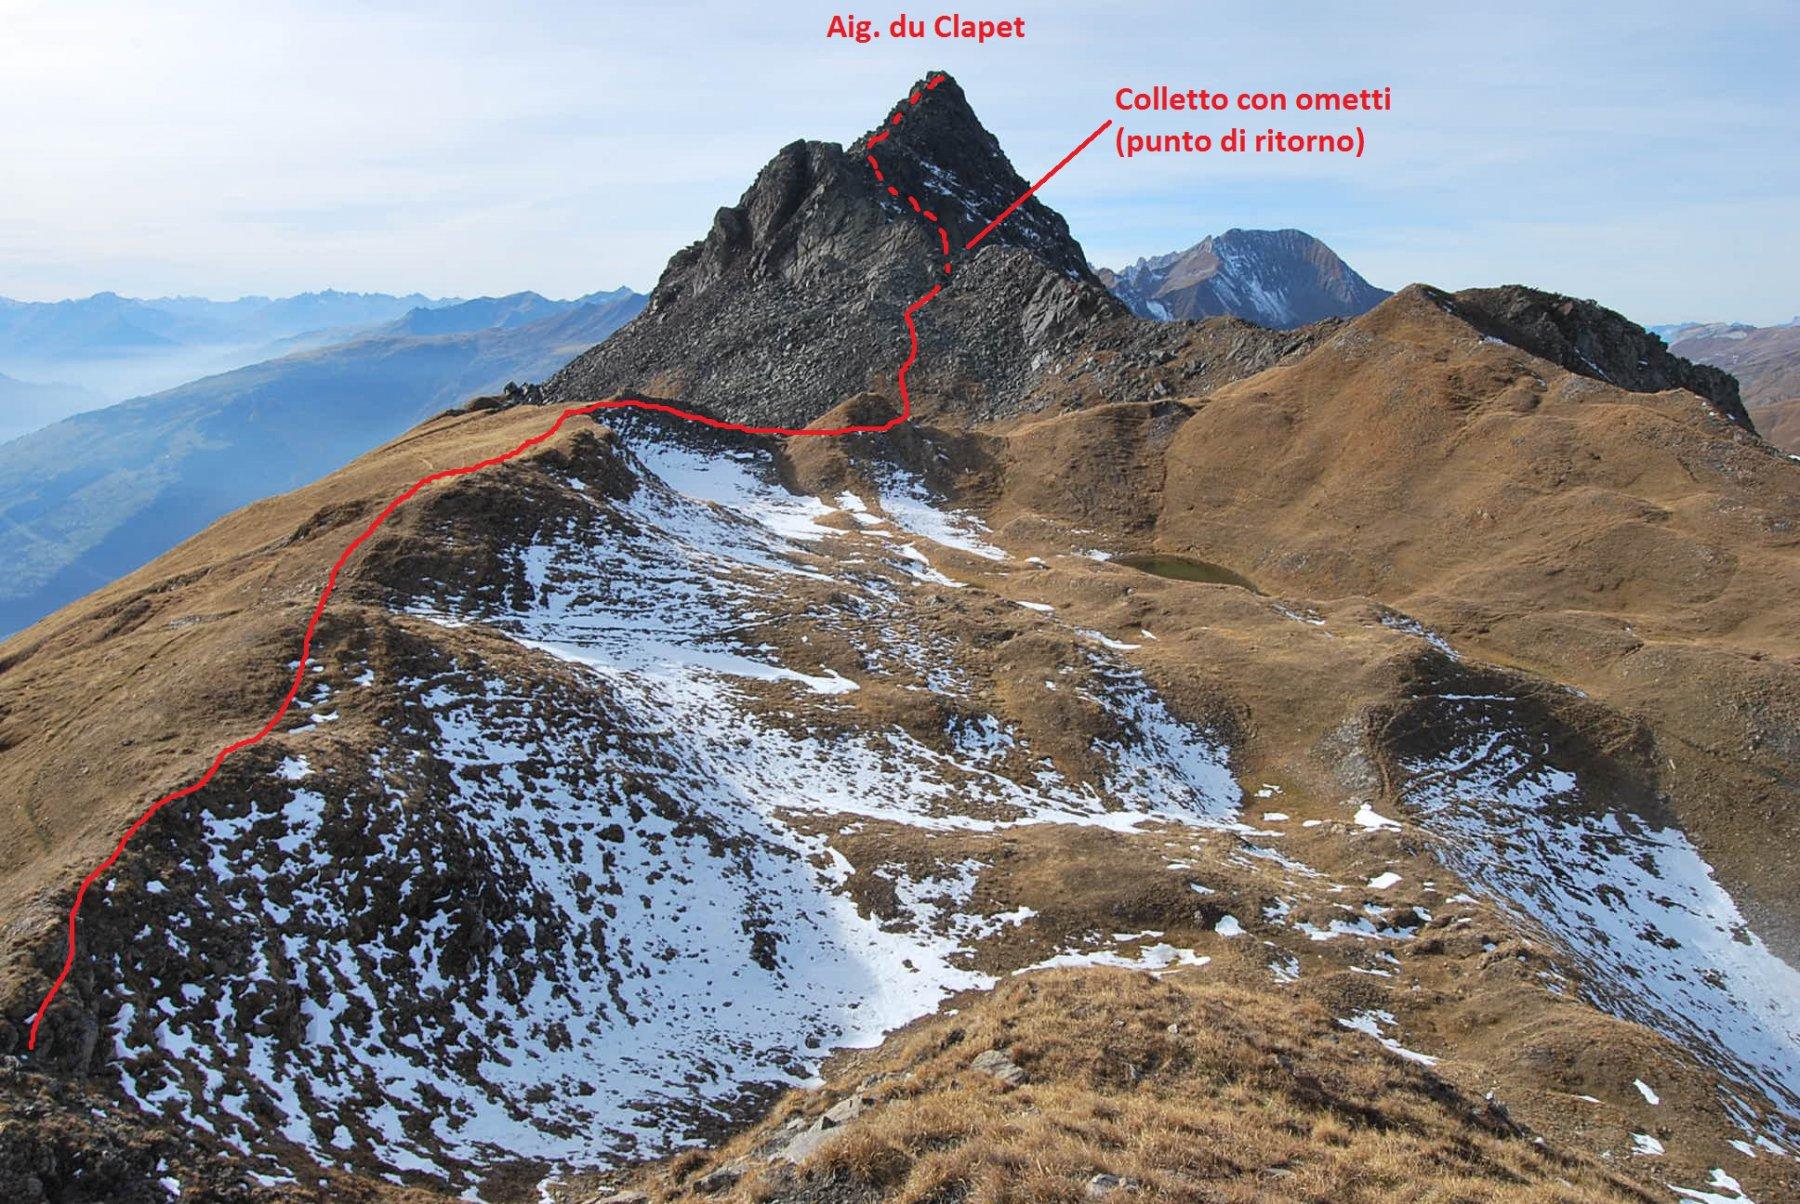 L'Aiguille du Clapet vista dal promontorio sopra il Col de Forclaz. In rosso la via di salita, il tratto non percorso è tratteggiato